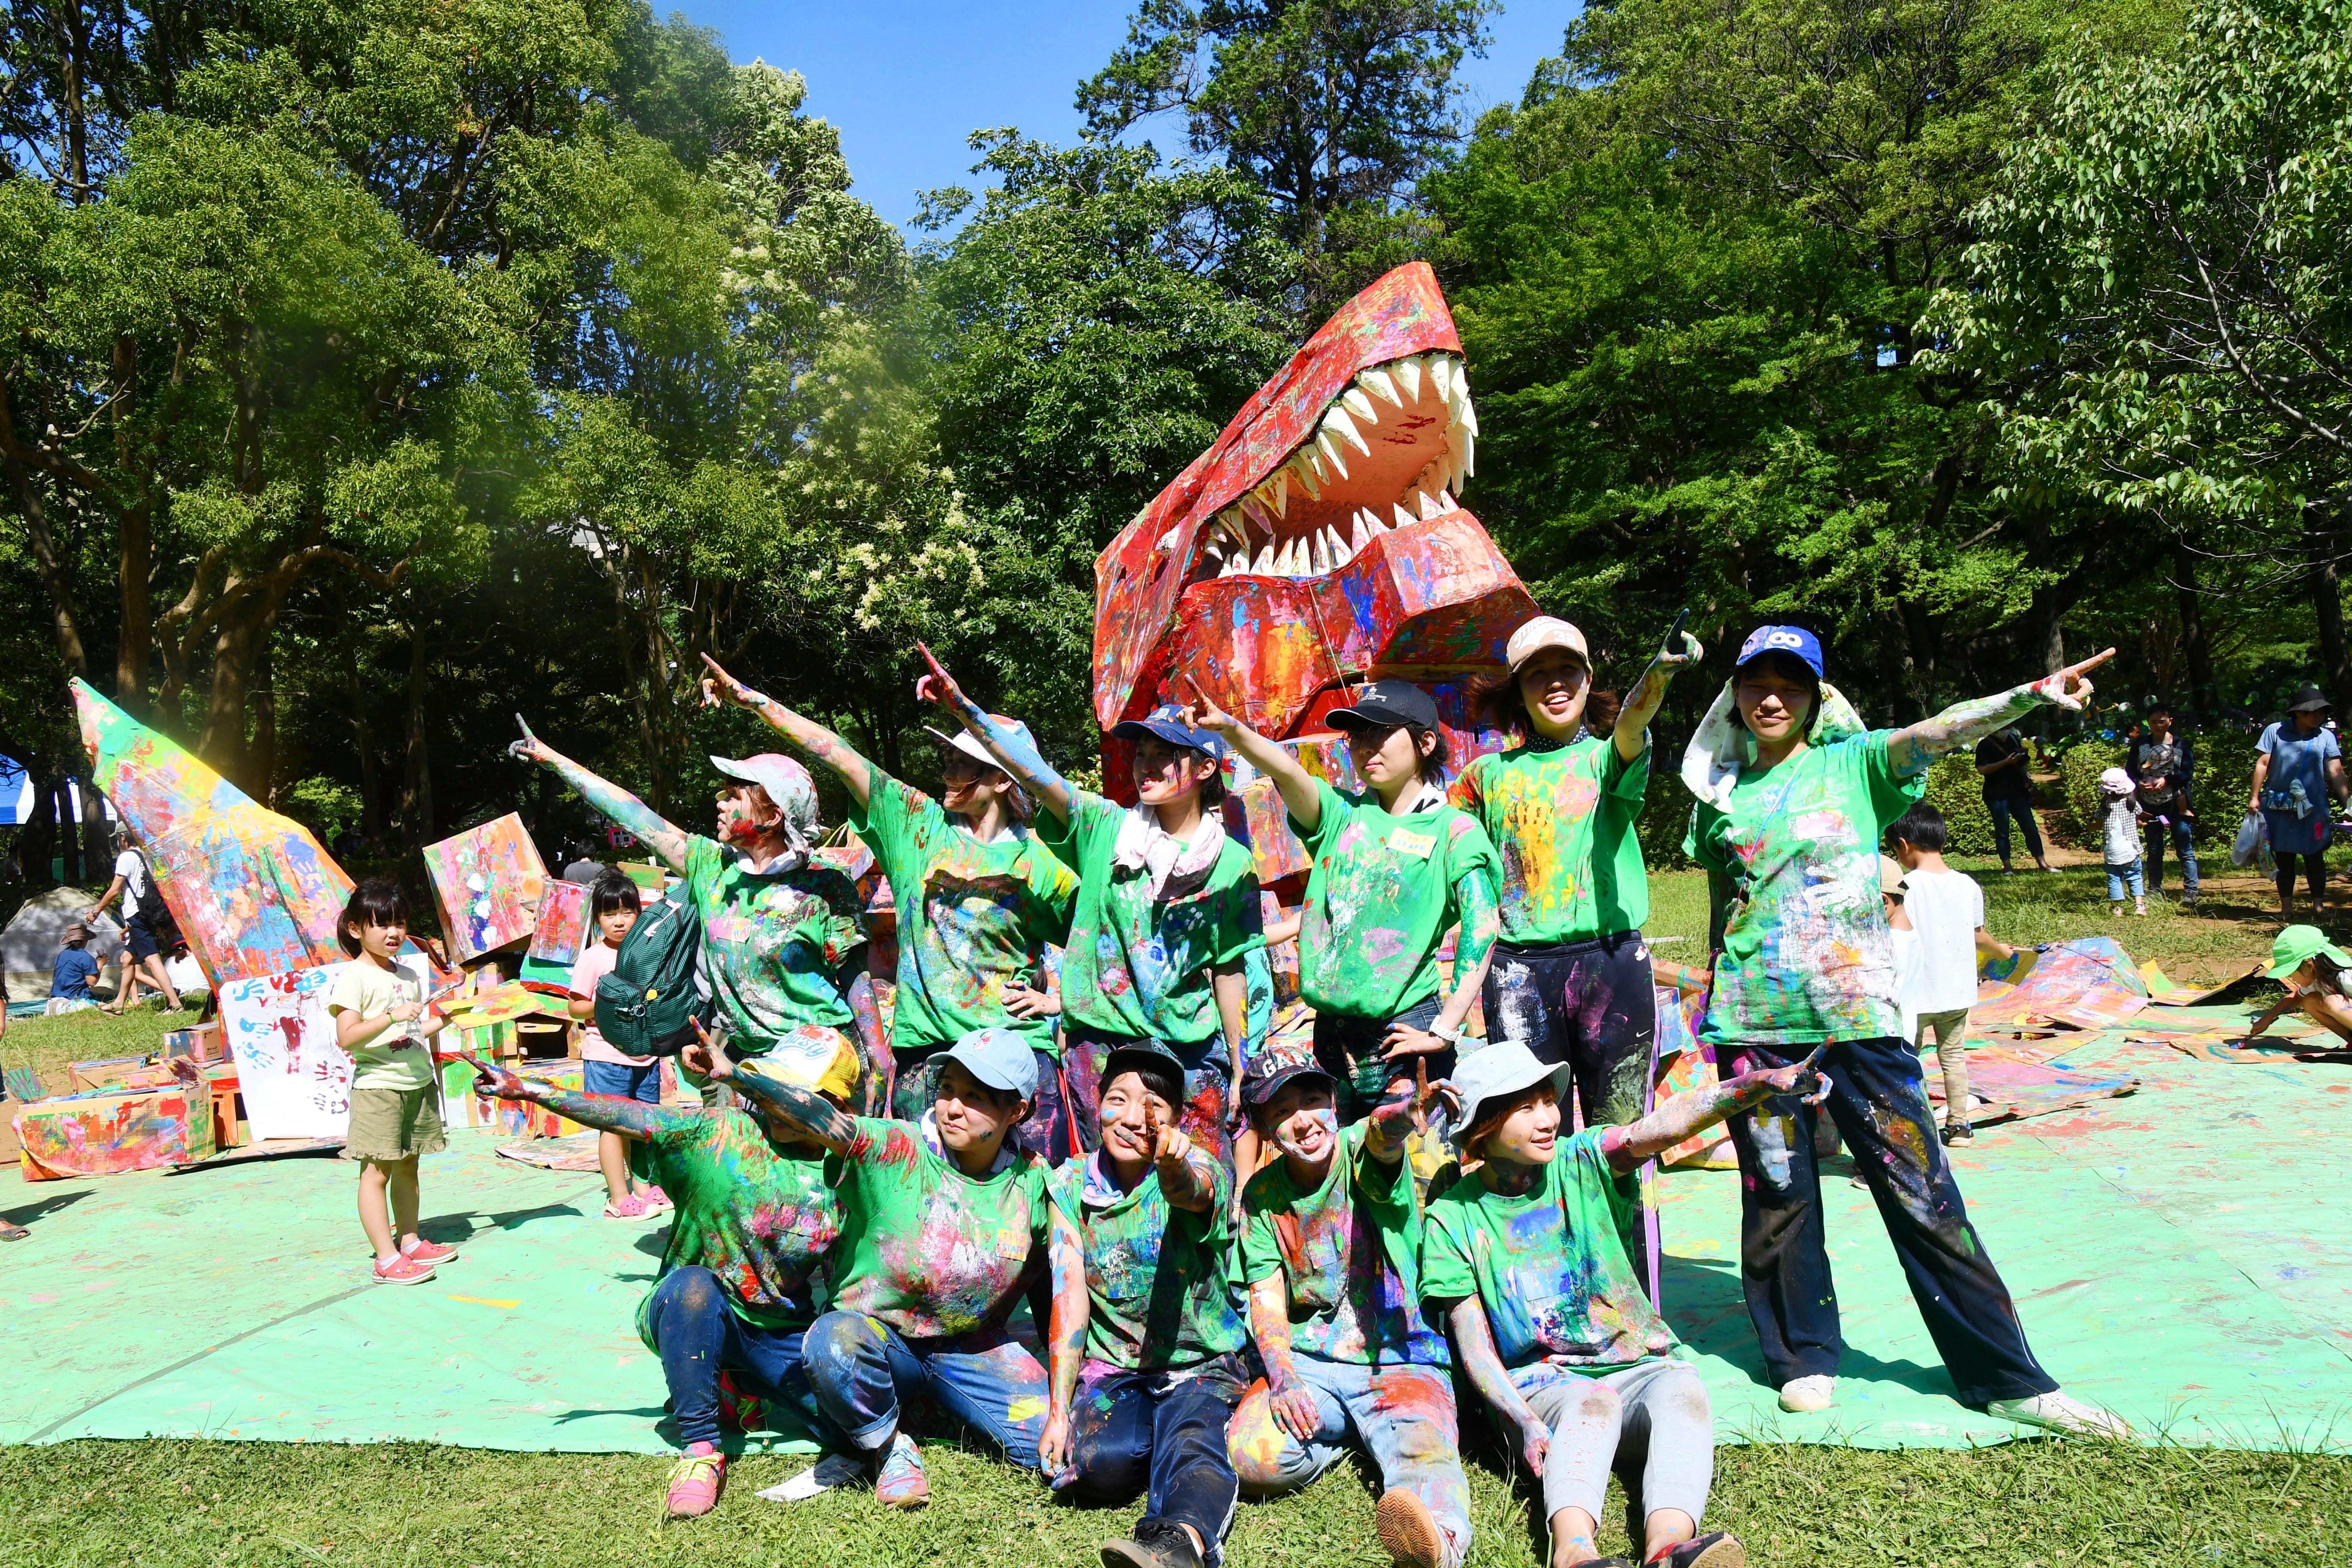 聖徳大学が7月7日に親子向けのイベント「アートパーク12~伝説のこども魂~」を開催 -- 大人も子どもも''こども魂''を発揮して思い切り遊ぼう!